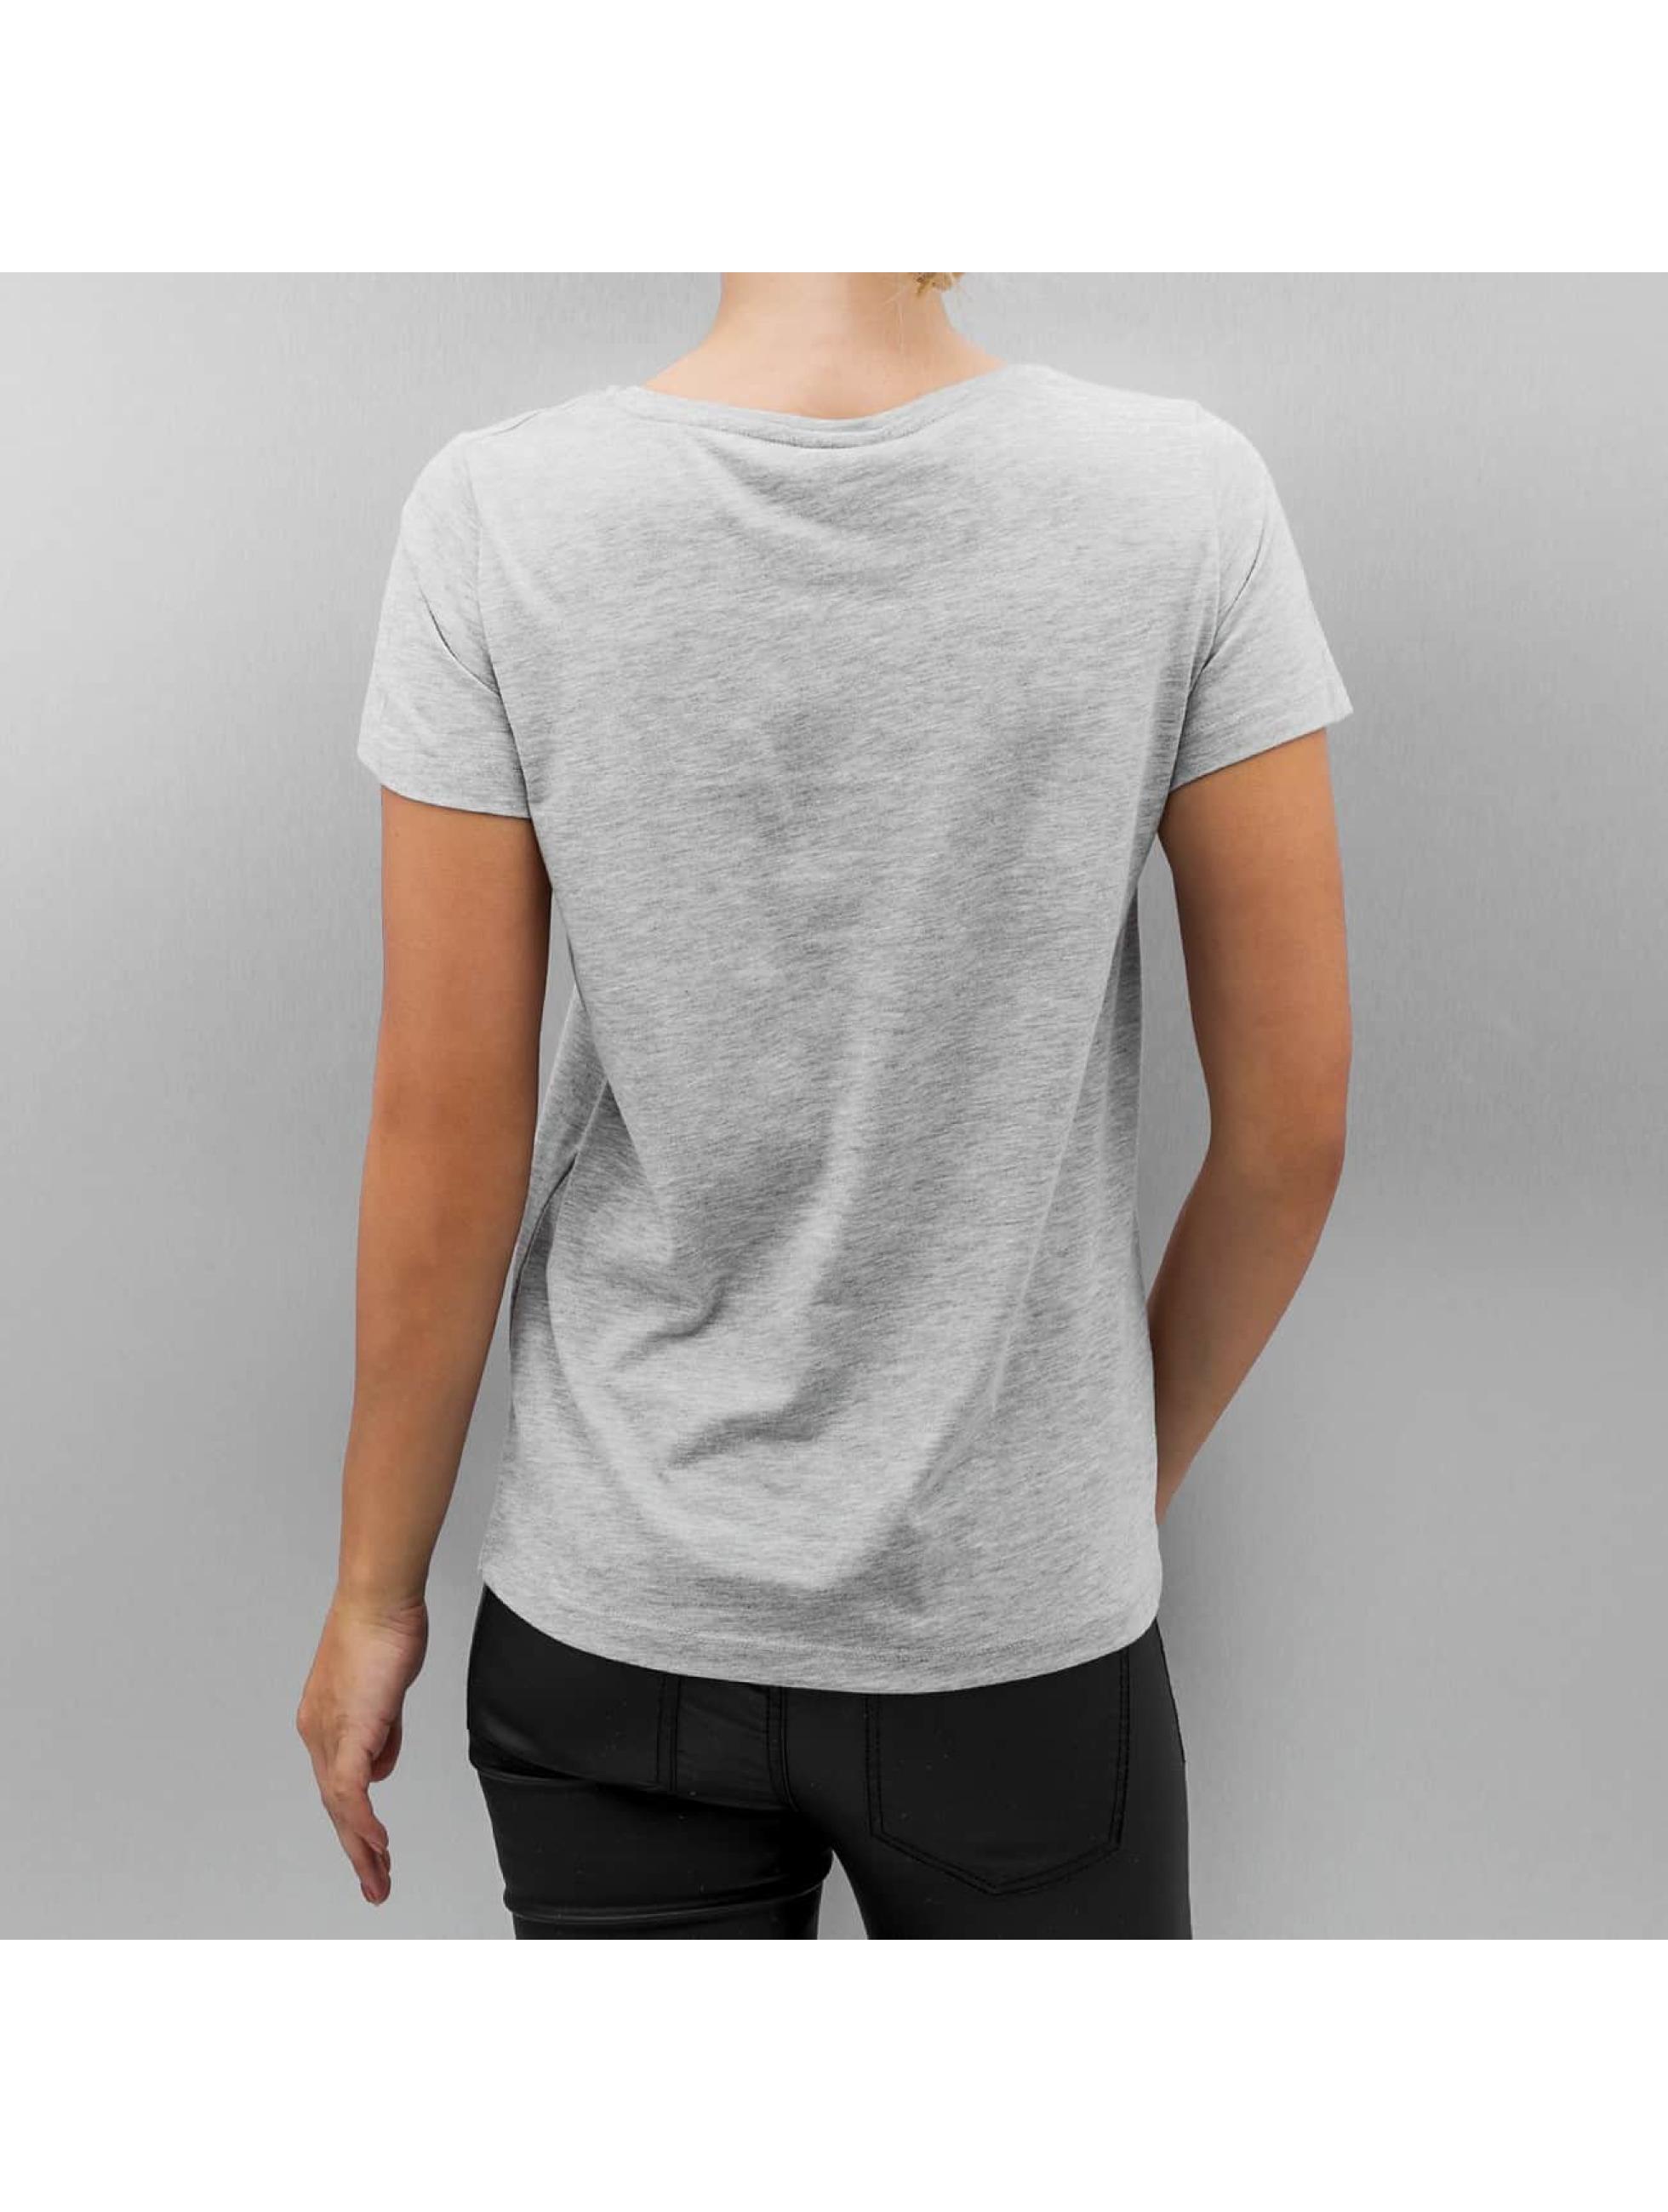 Vero Moda T-paidat VmMy harmaa